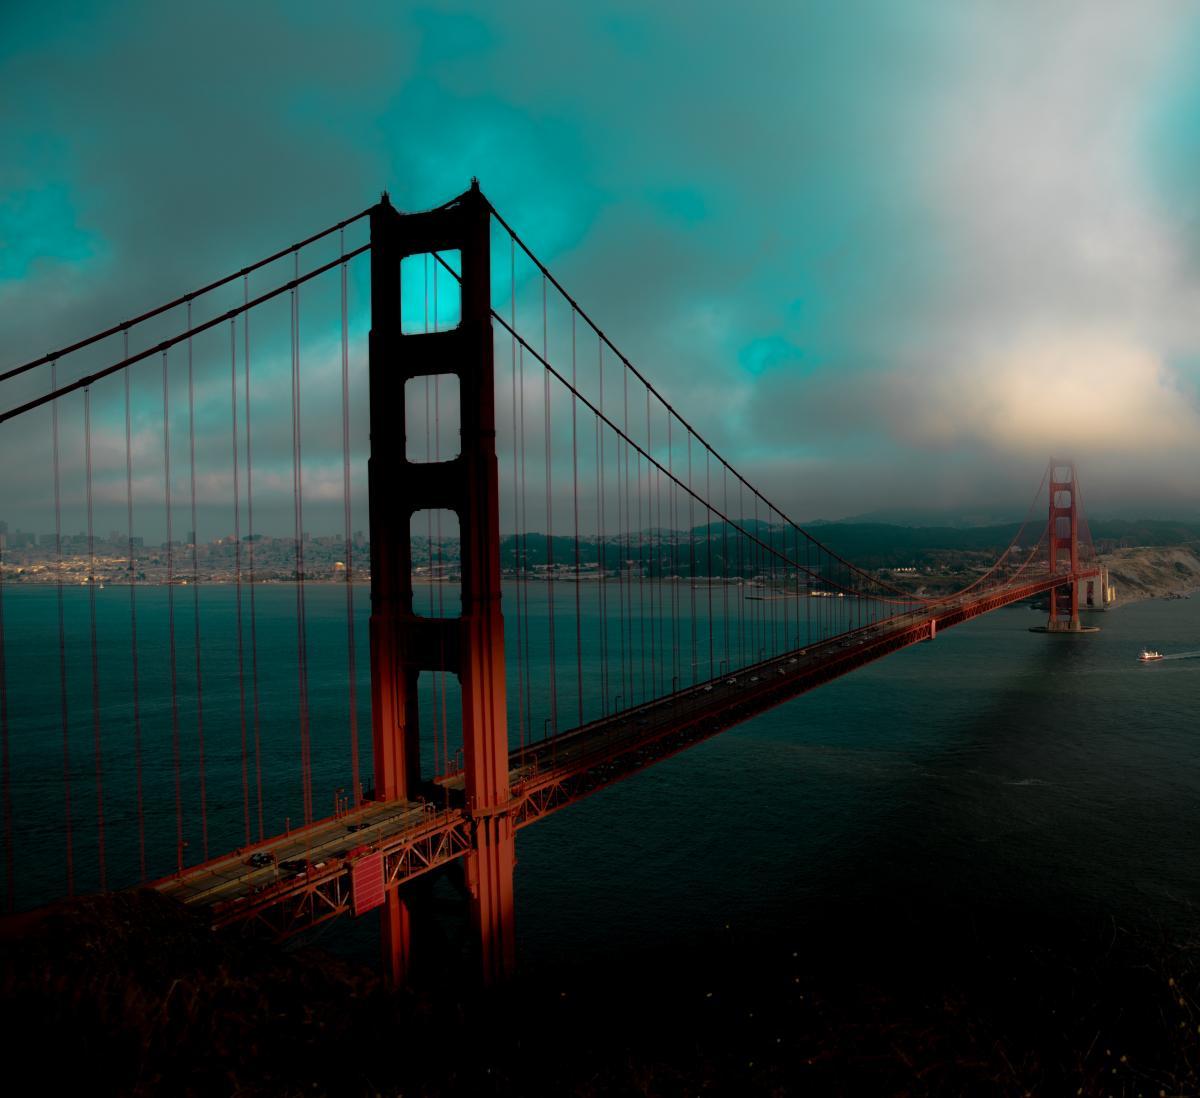 Pier Bridge Suspension bridge #370442